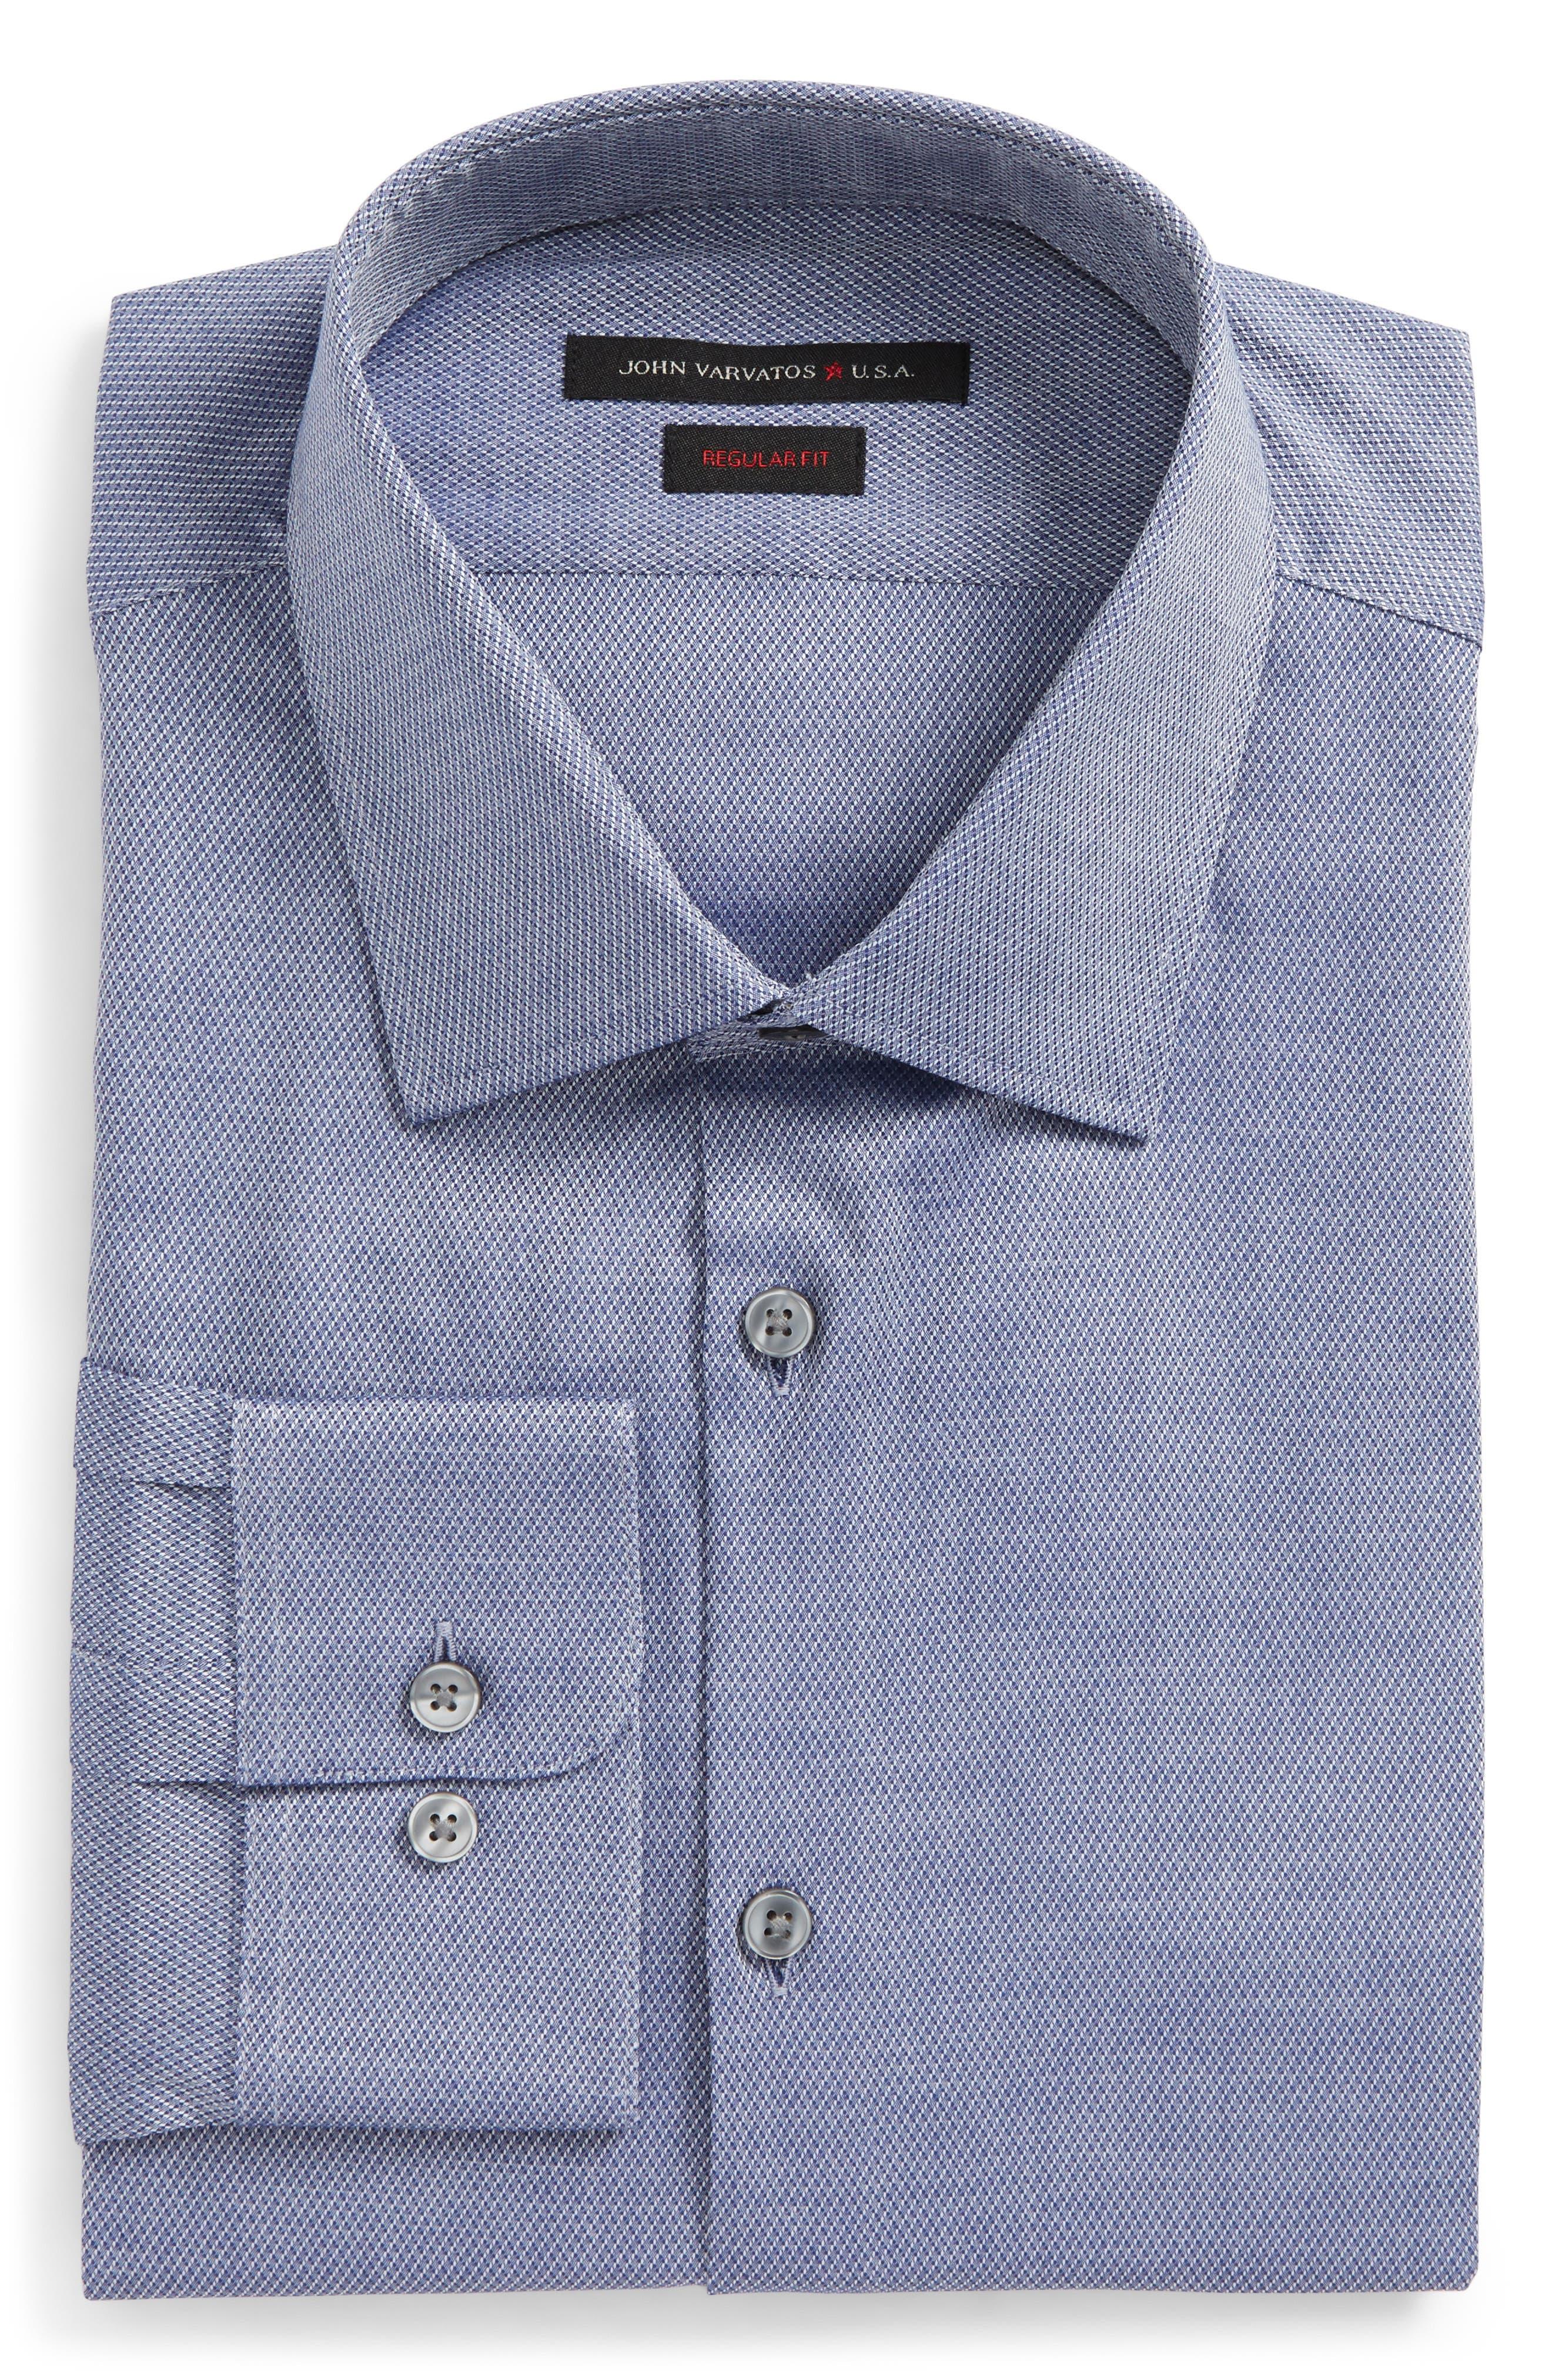 John Varvatos Star USA Regular Fit Dress Shirt